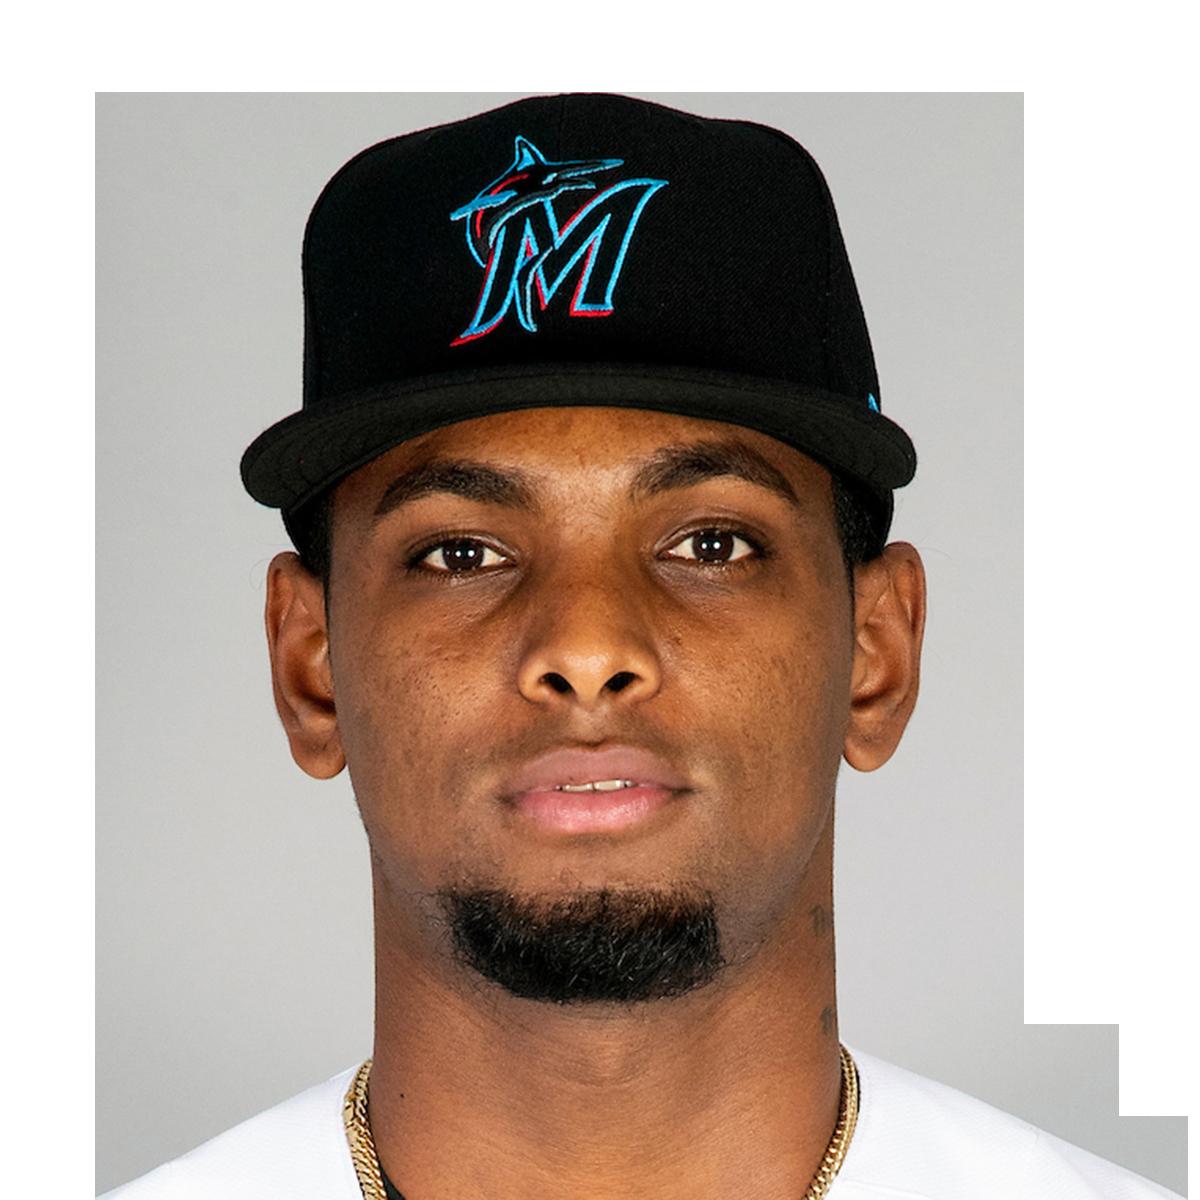 MLB: Miami Marlins-Media Day